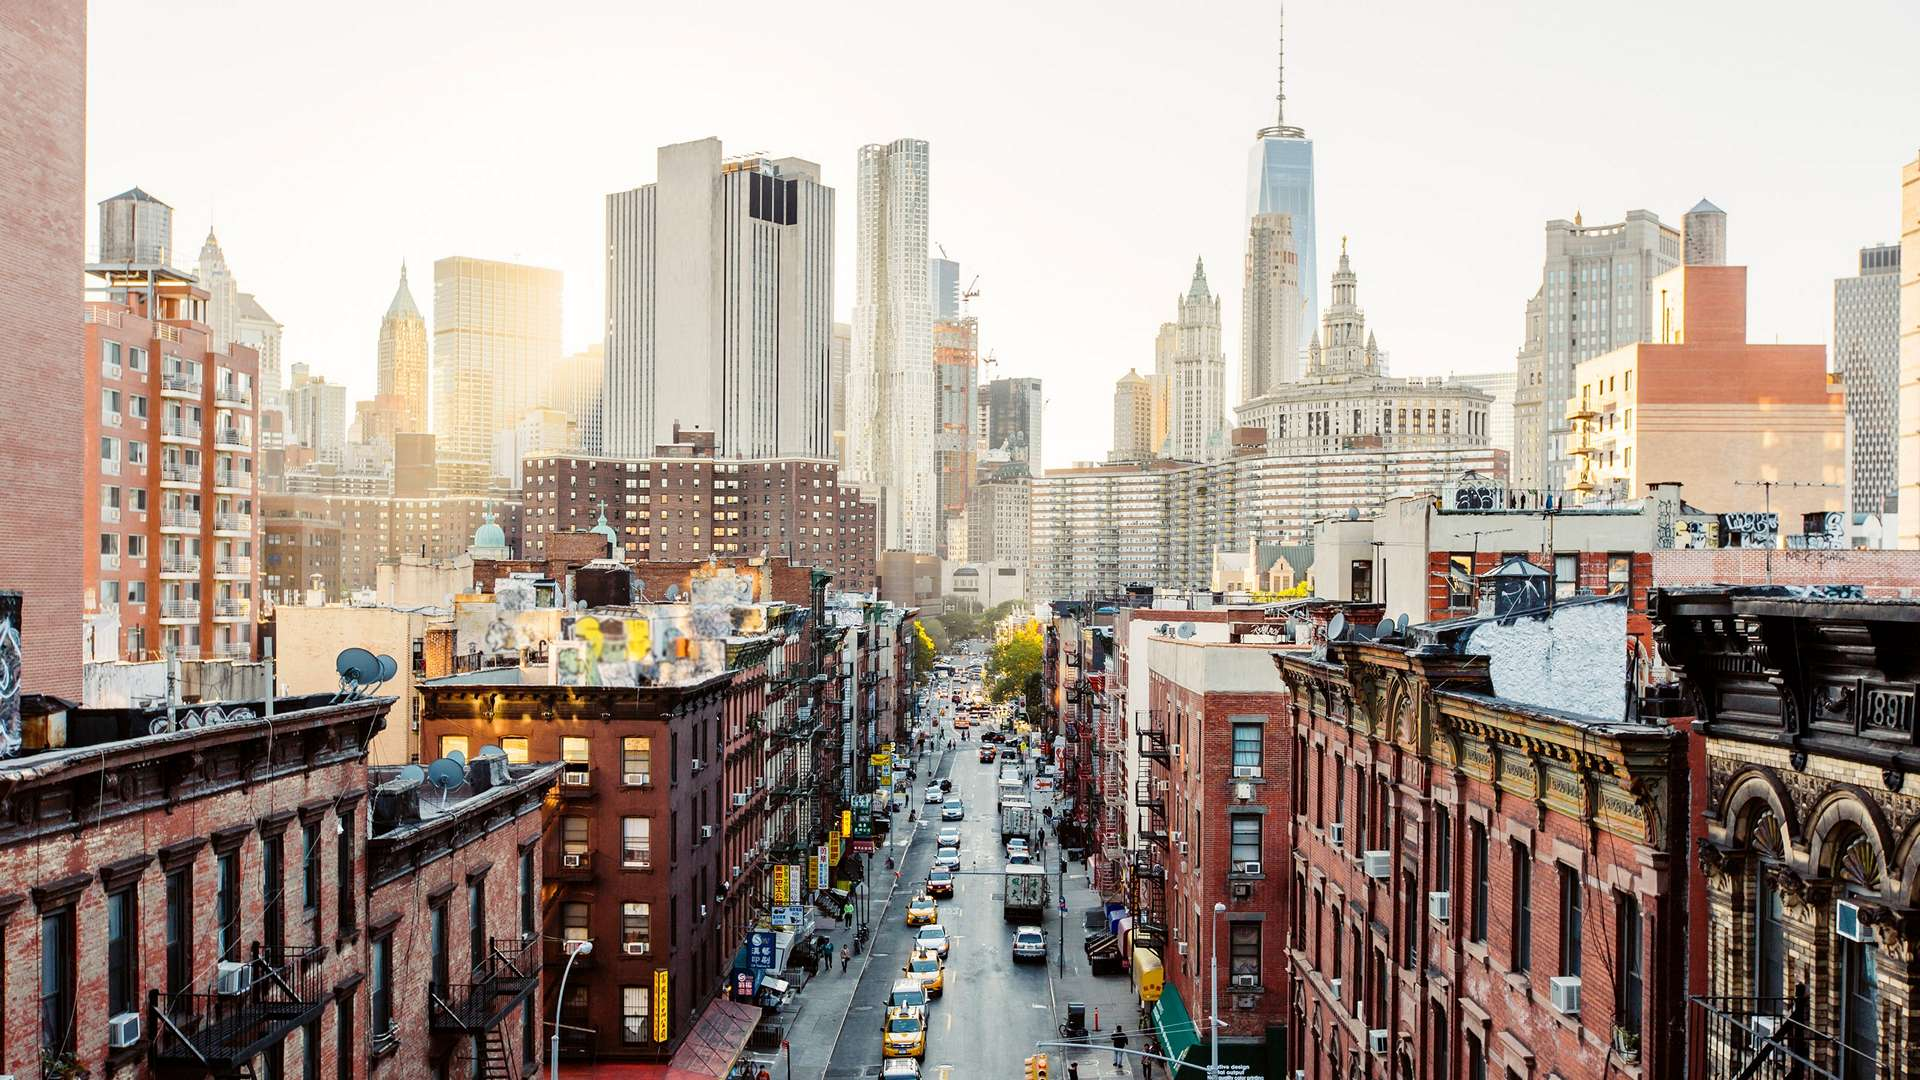 Њујорјк ќе забрани продажба на возила со термички мотори од 2035 година